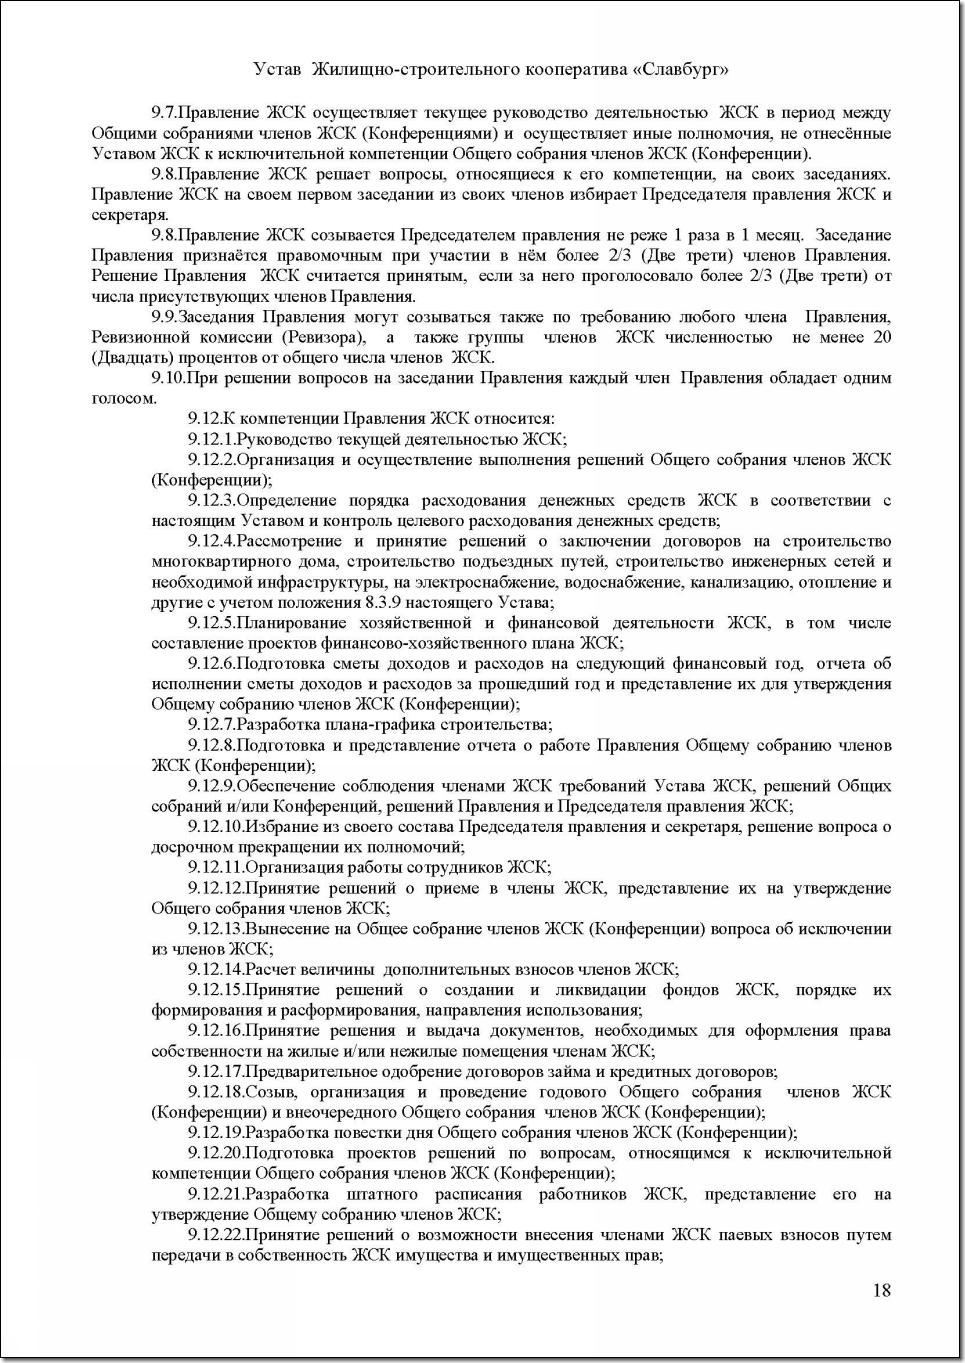 Устав жск по новому жилищному кодексу 2018 образец